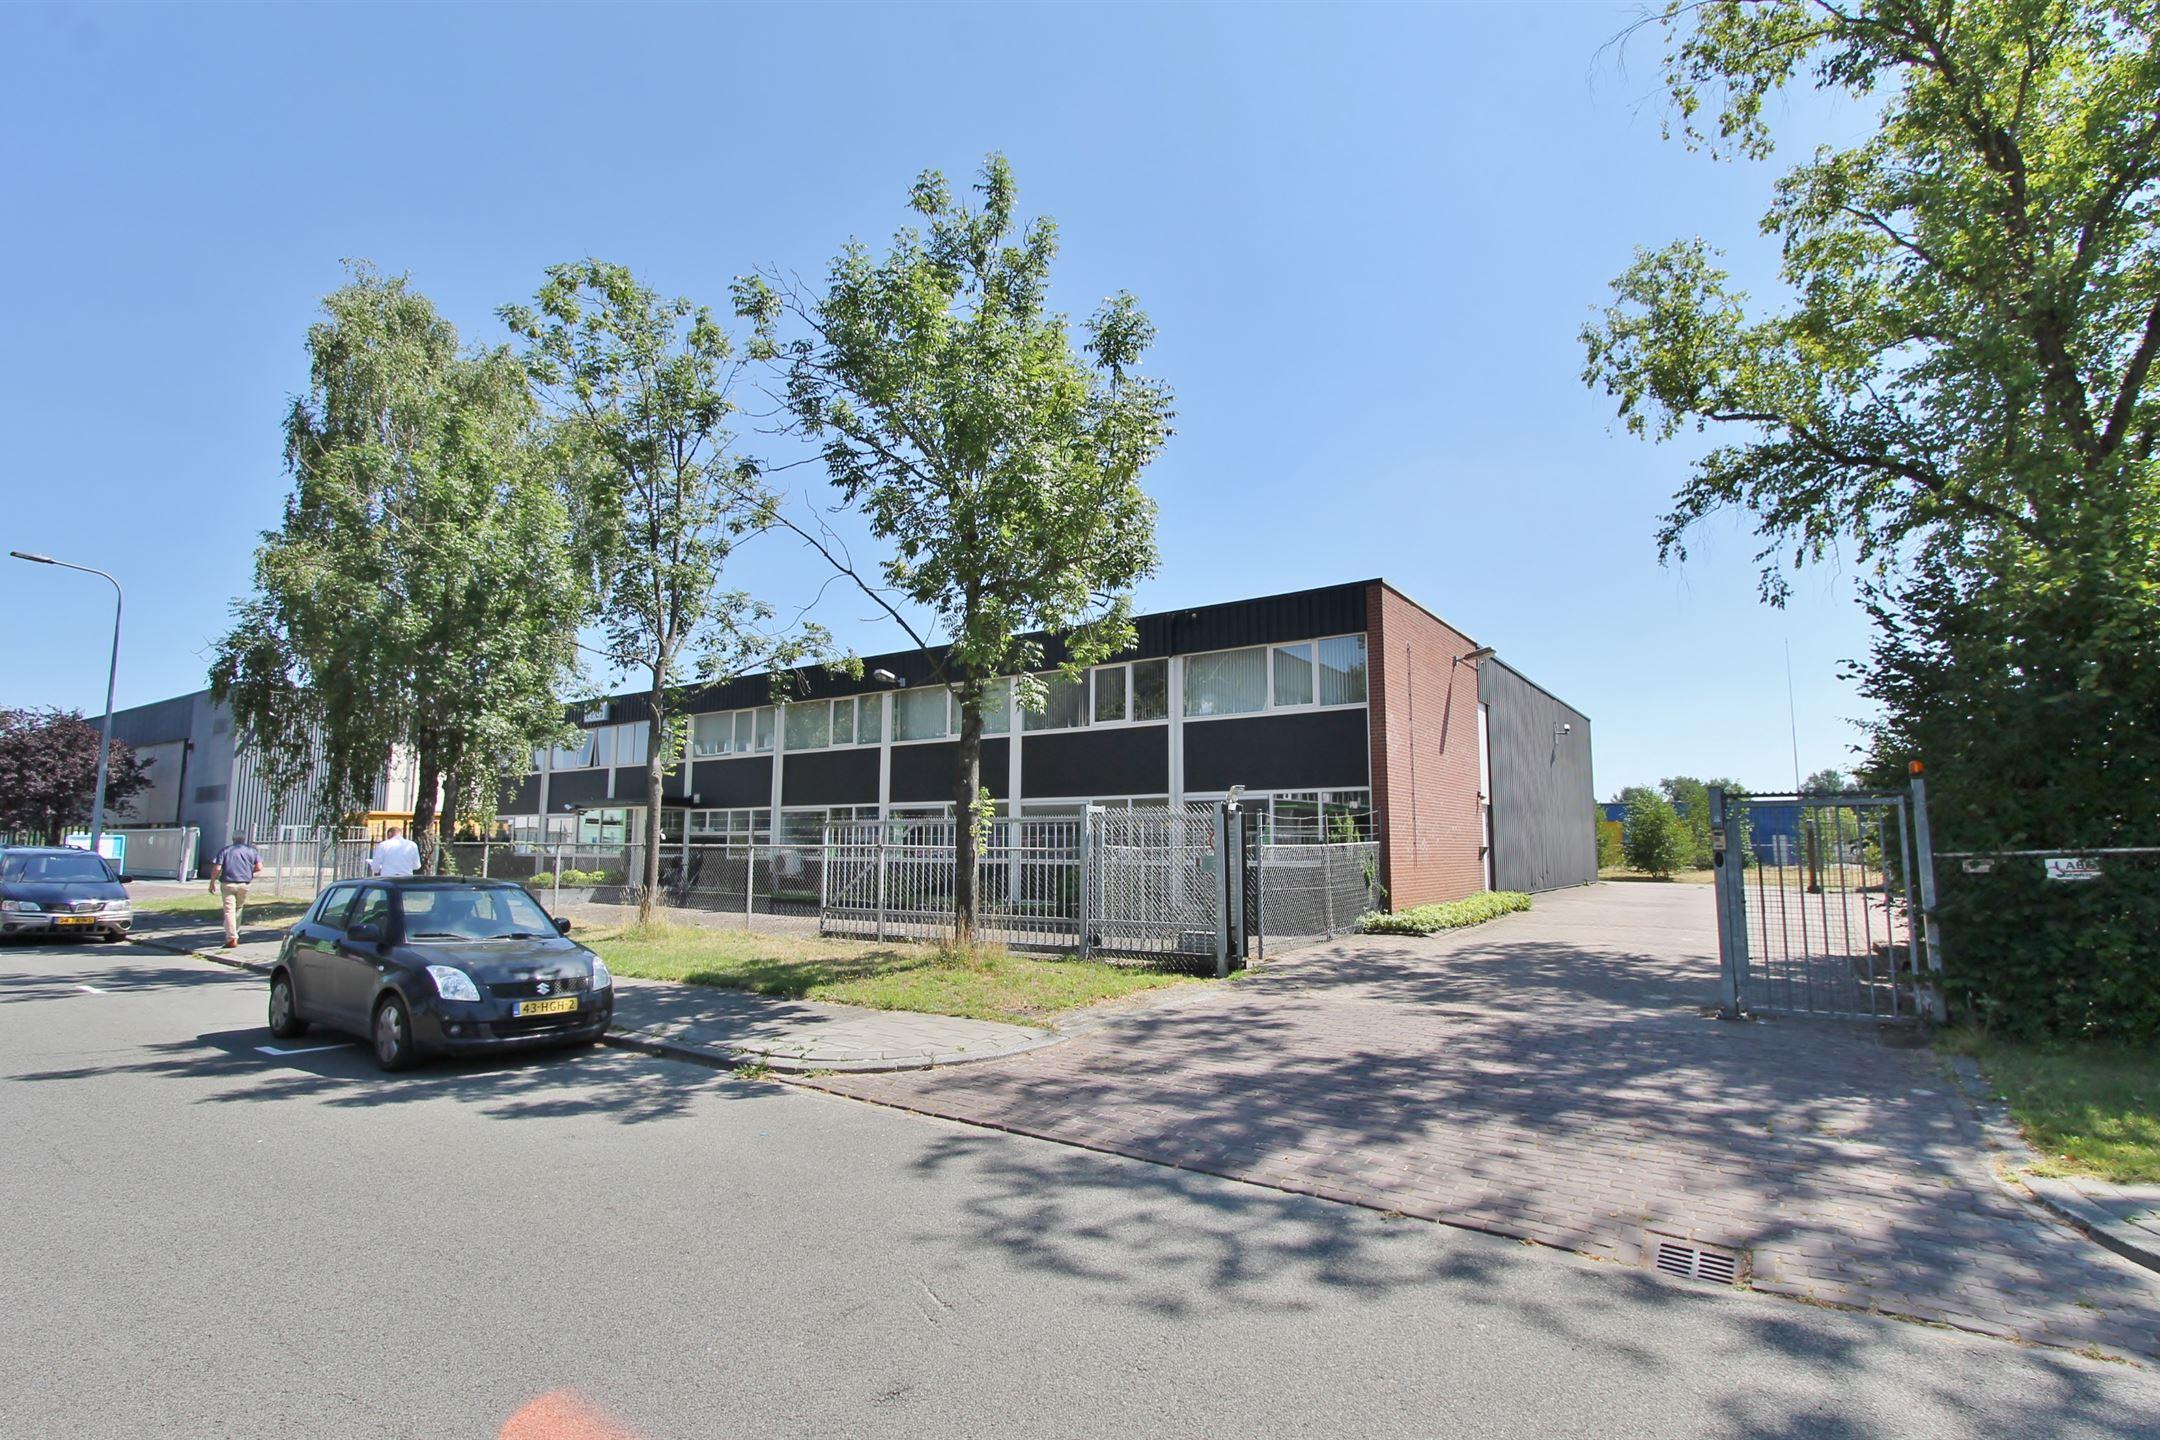 Groningen Zoek Verkocht Neutronstraat 8 9743 Am Groningen Funda